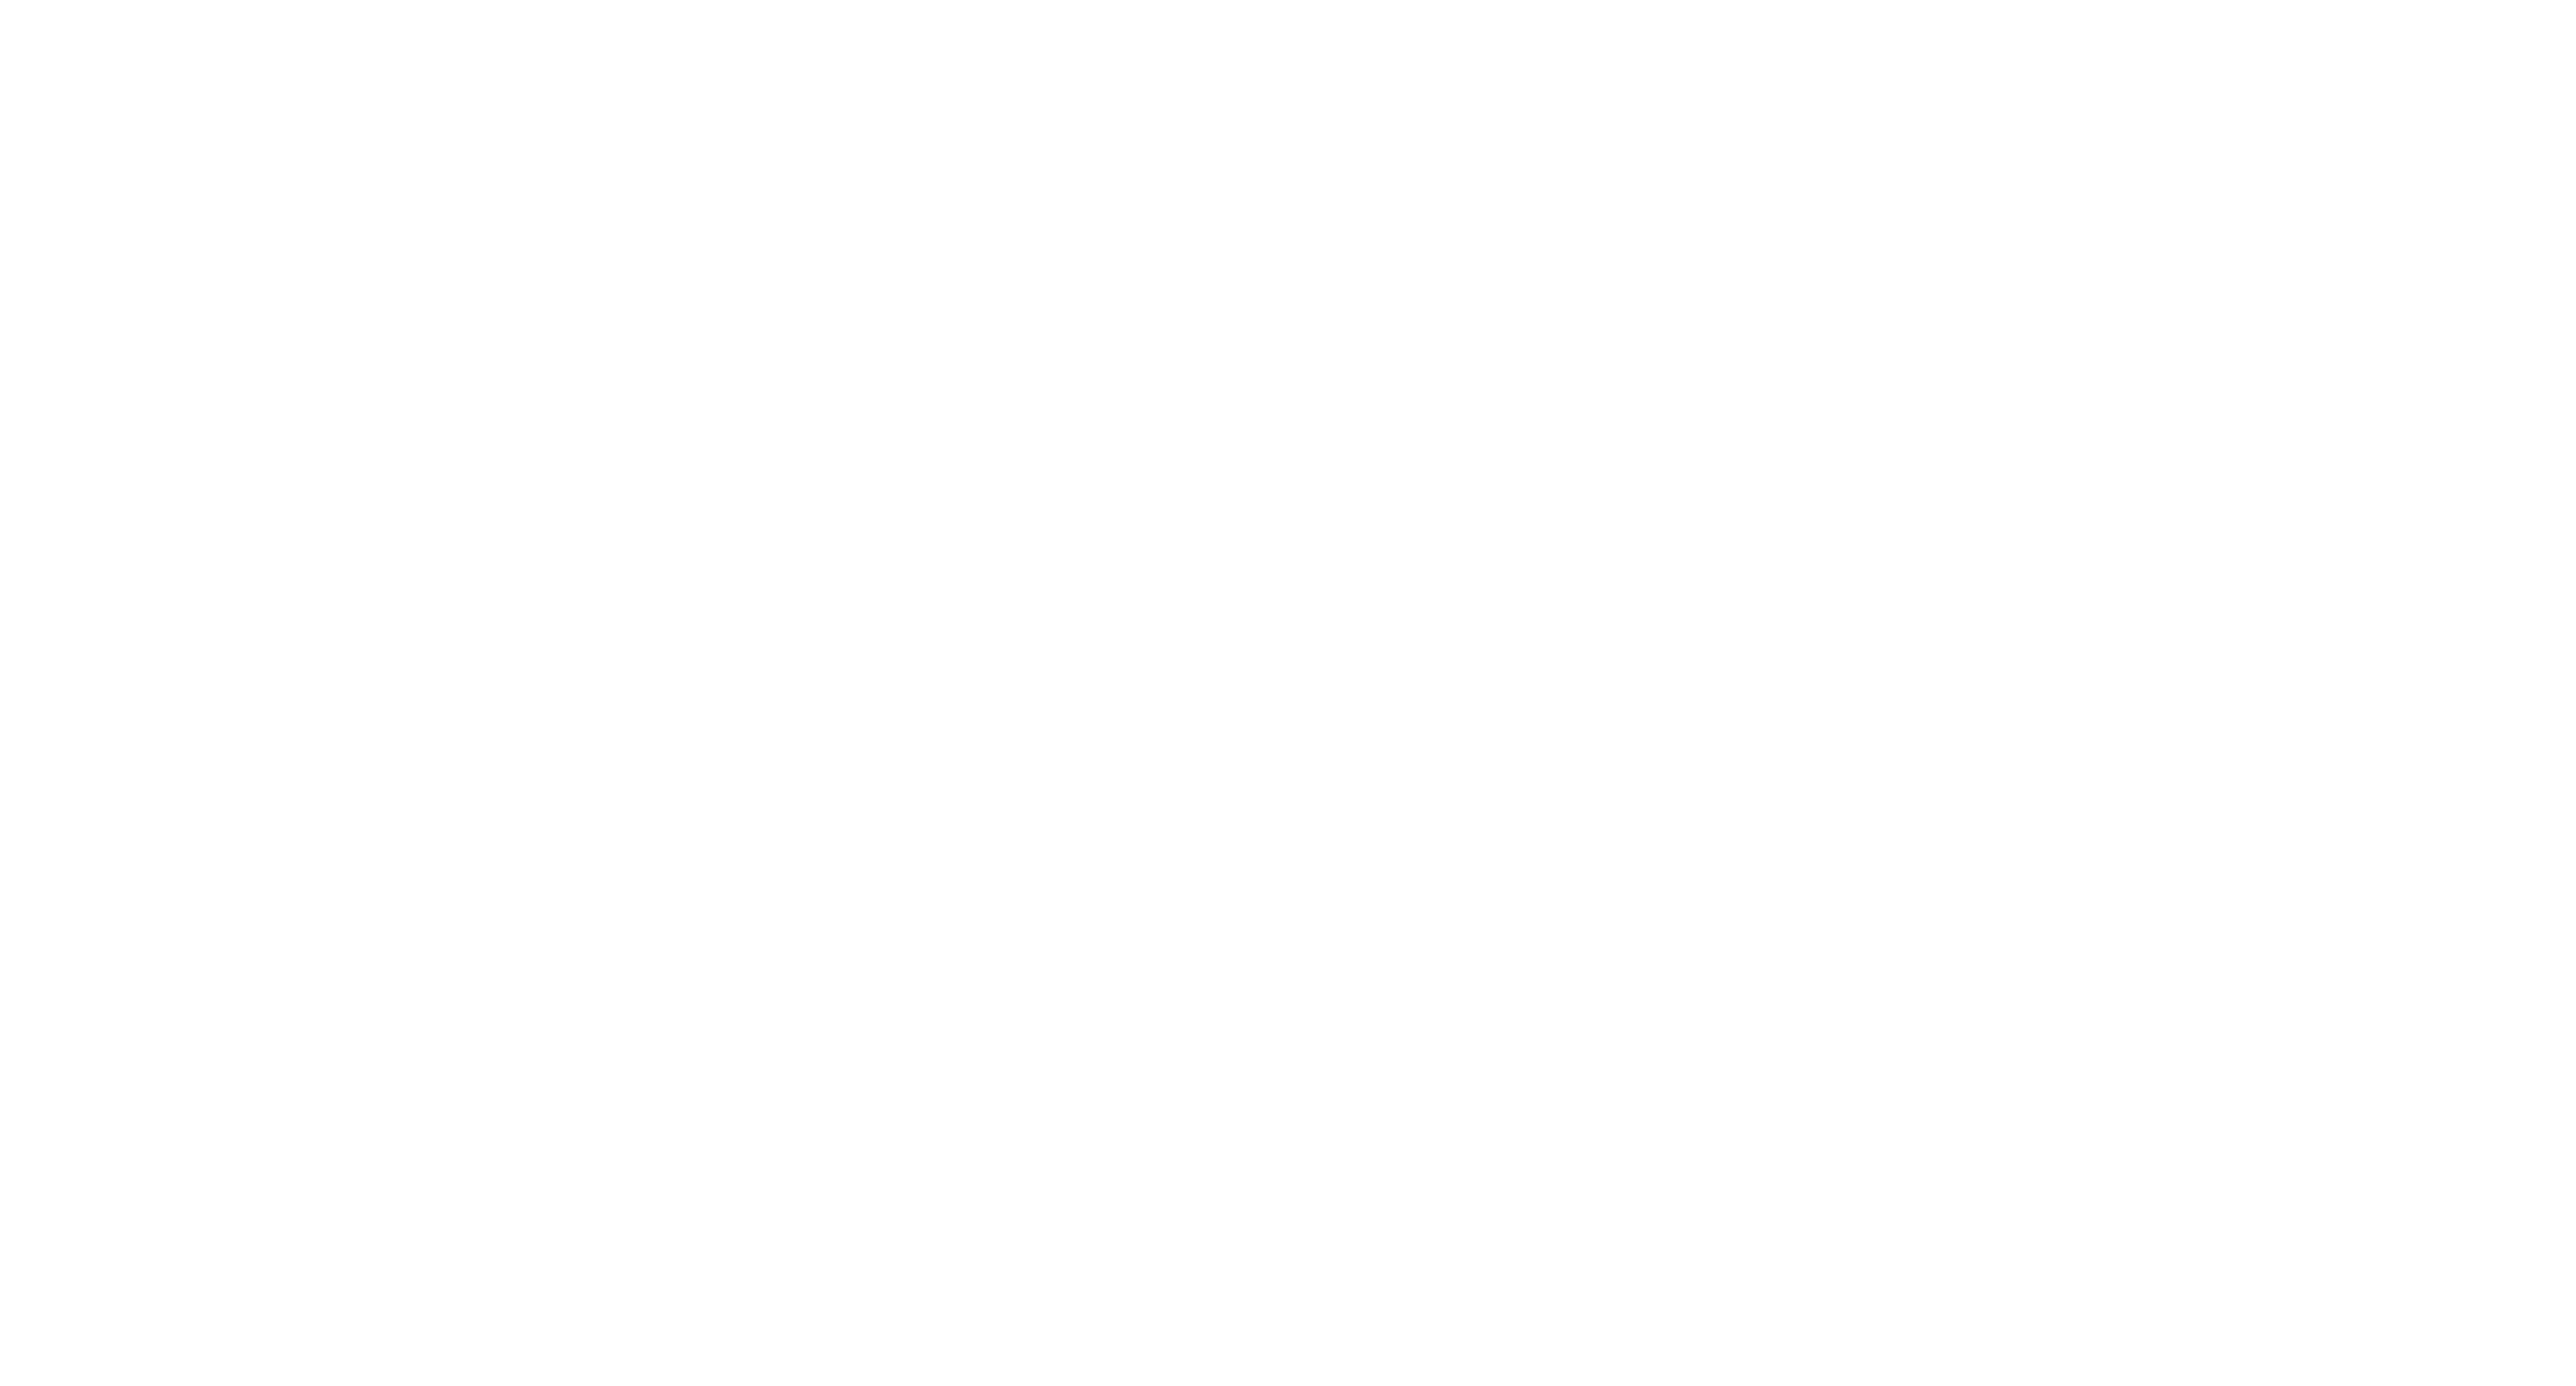 קשרי תעופה לוגו